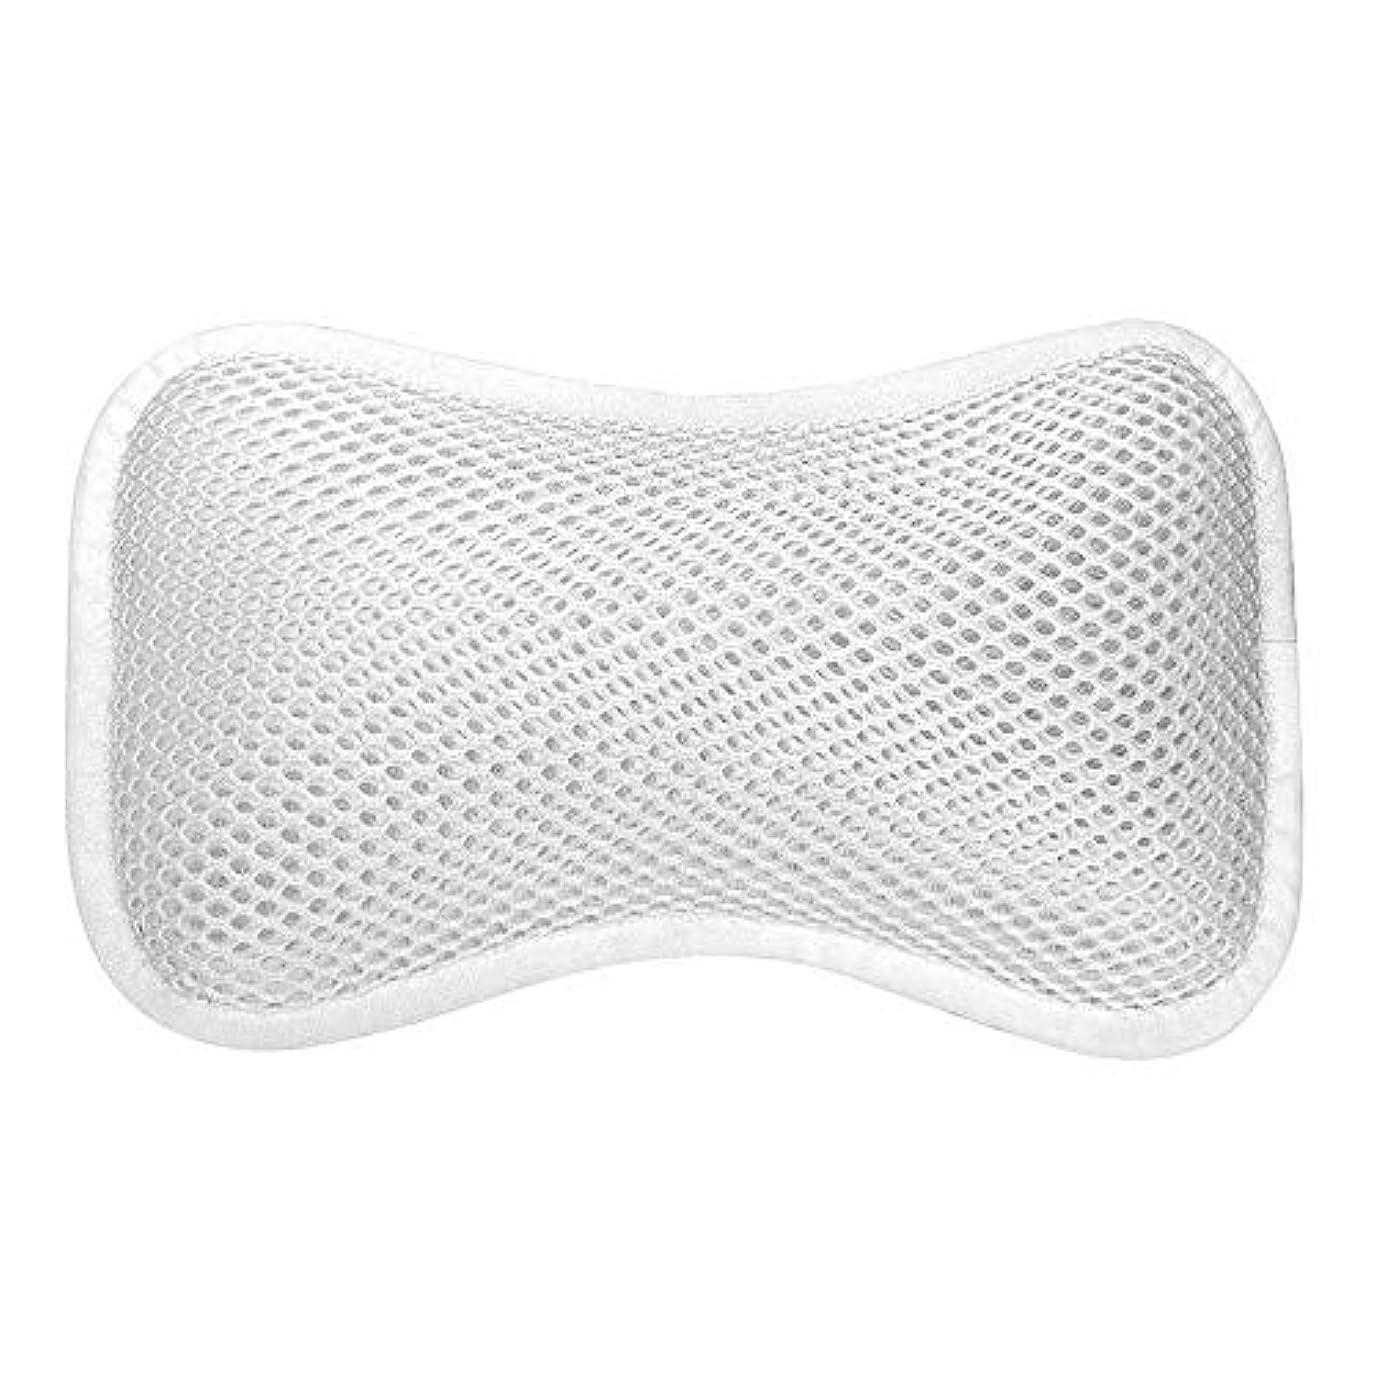 等価遠え歯車3D網の骨の定形バスタブの枕、吸盤が付いている人間工学的の設計滑り止??めの浴槽の枕